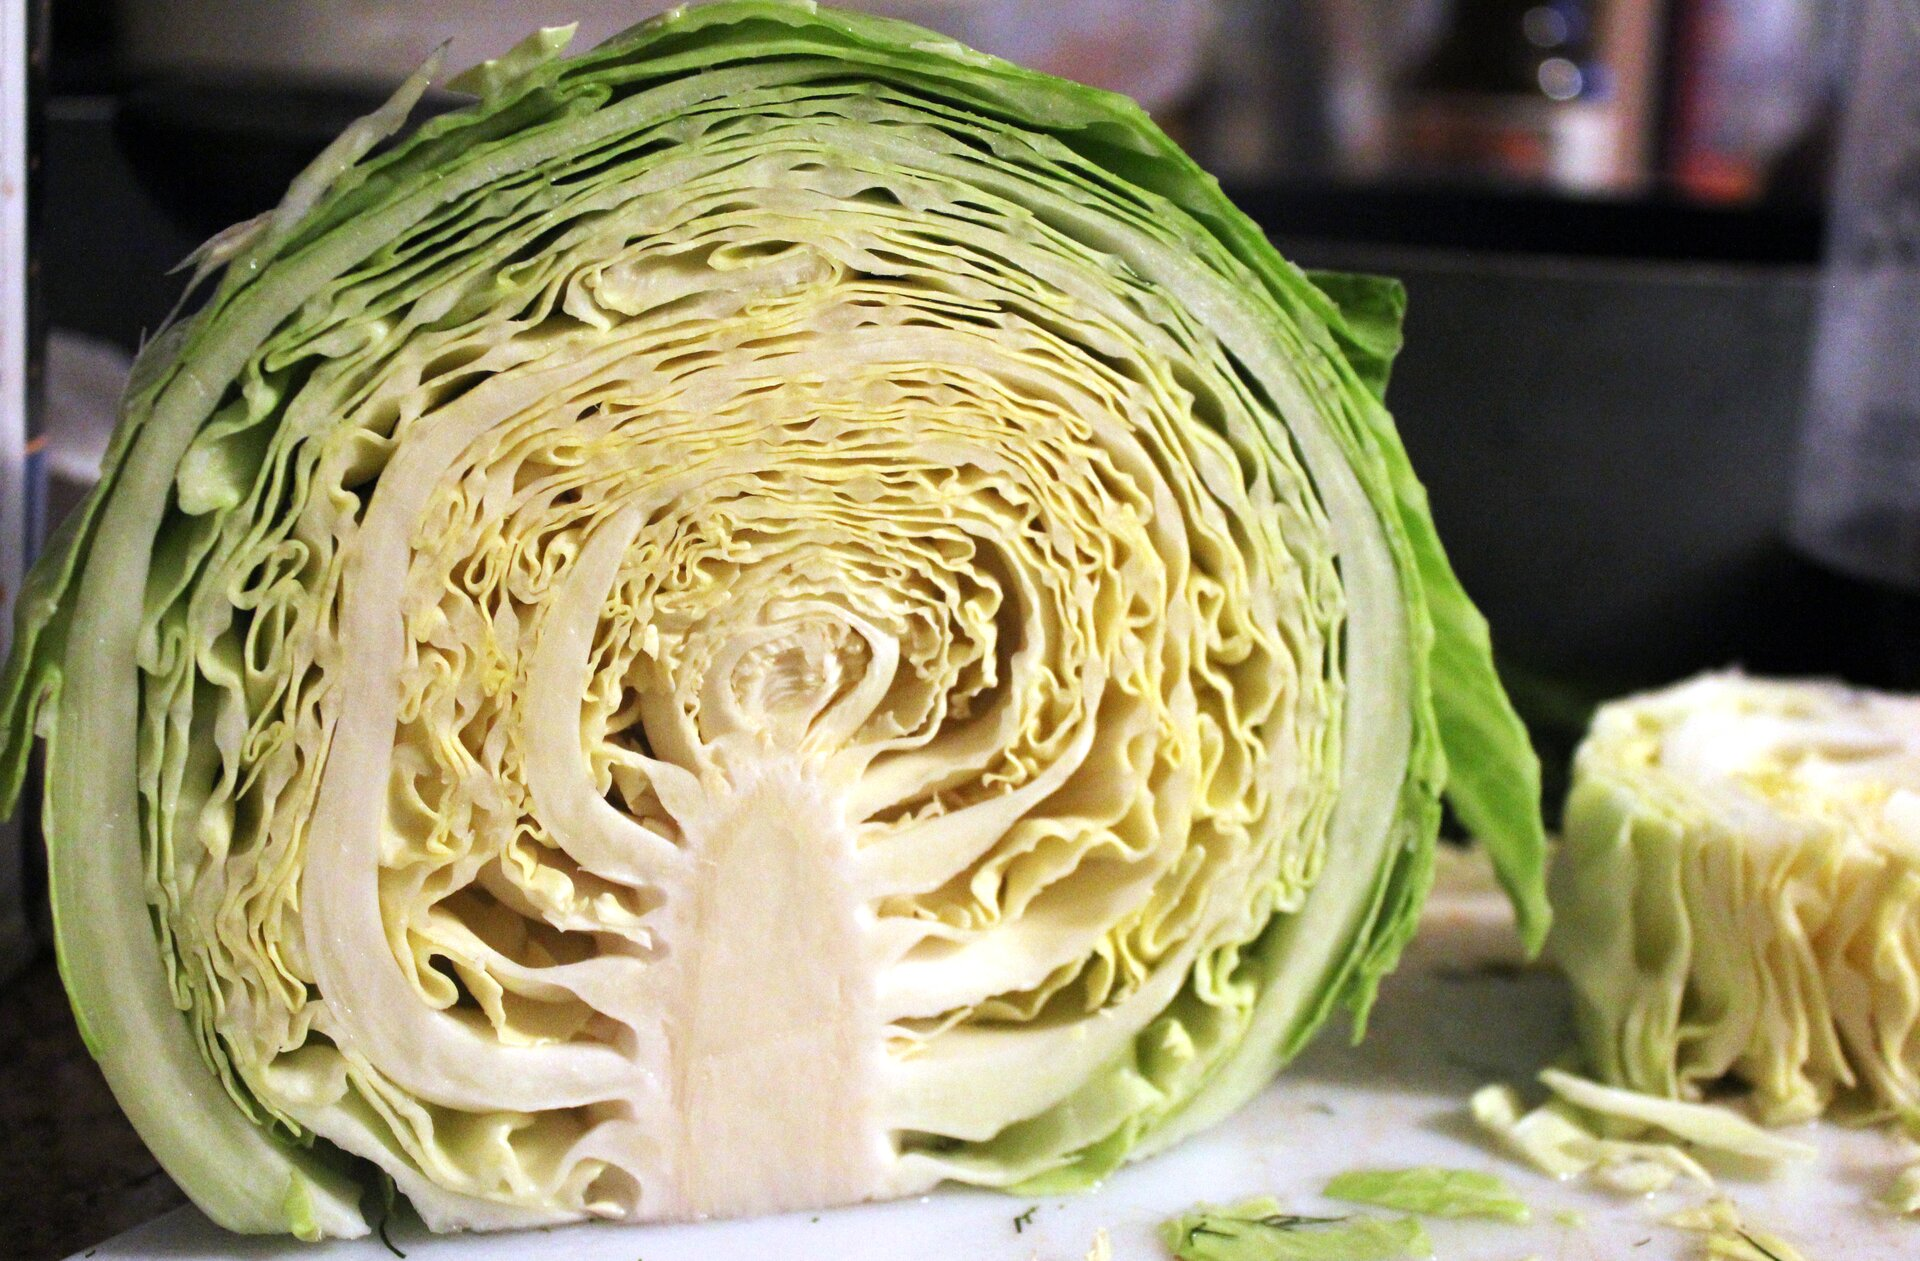 Fotografia przedstawia przekrojoną główkę kapusty. Zbiałej, krótkiej łodygi (głąba) wyrastają mocno pozwijane liście. Kapusta wgłąbie gromadzi substancje pokarmowe.